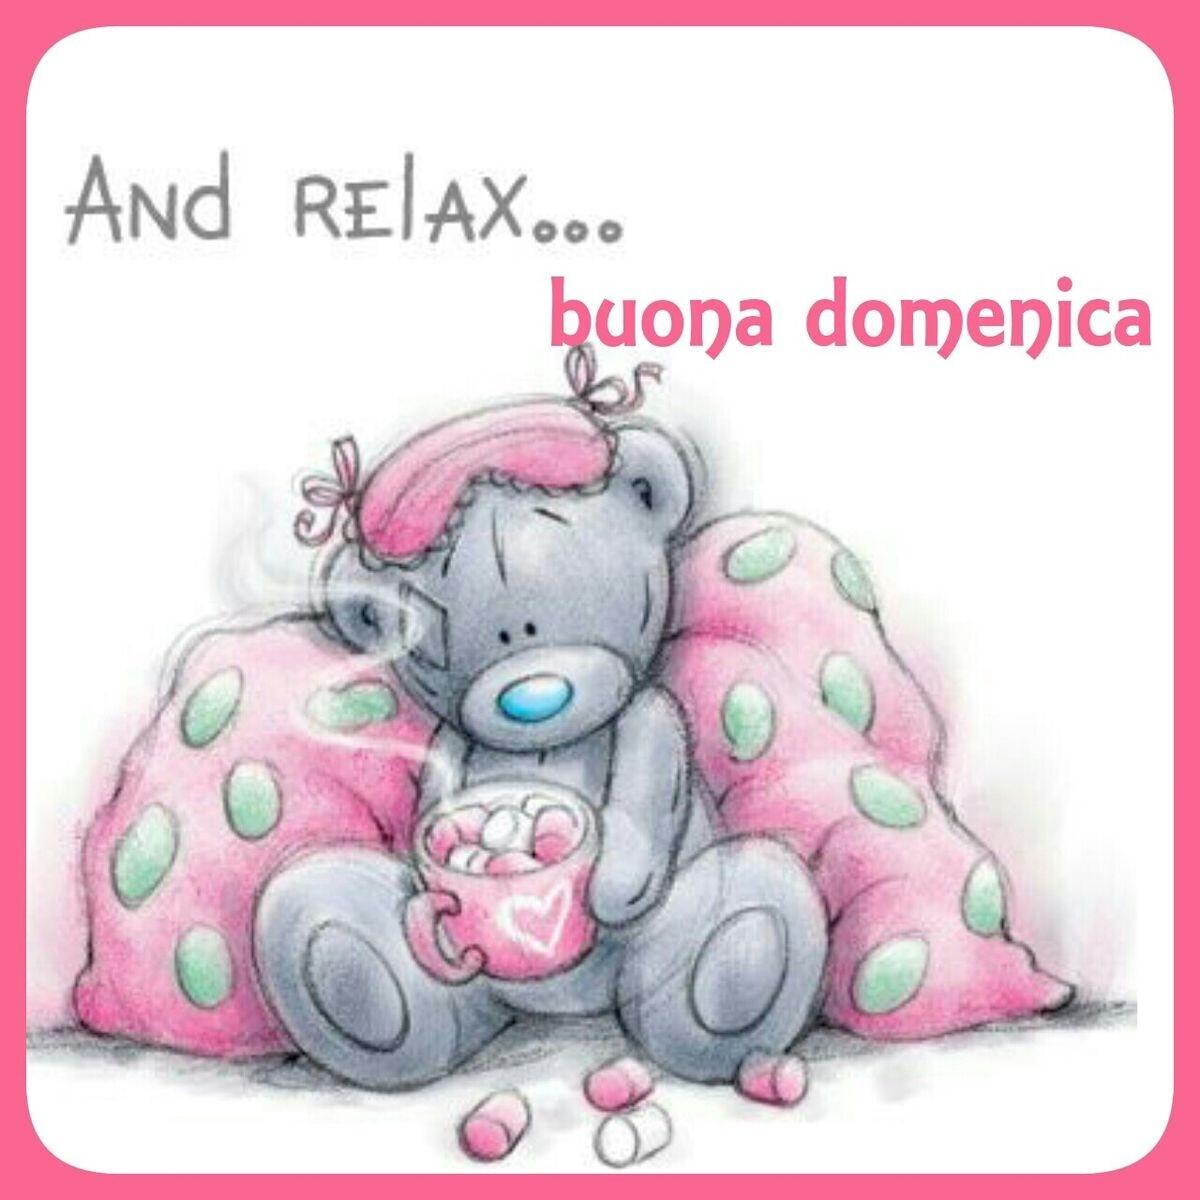 And relax...Buona domenica